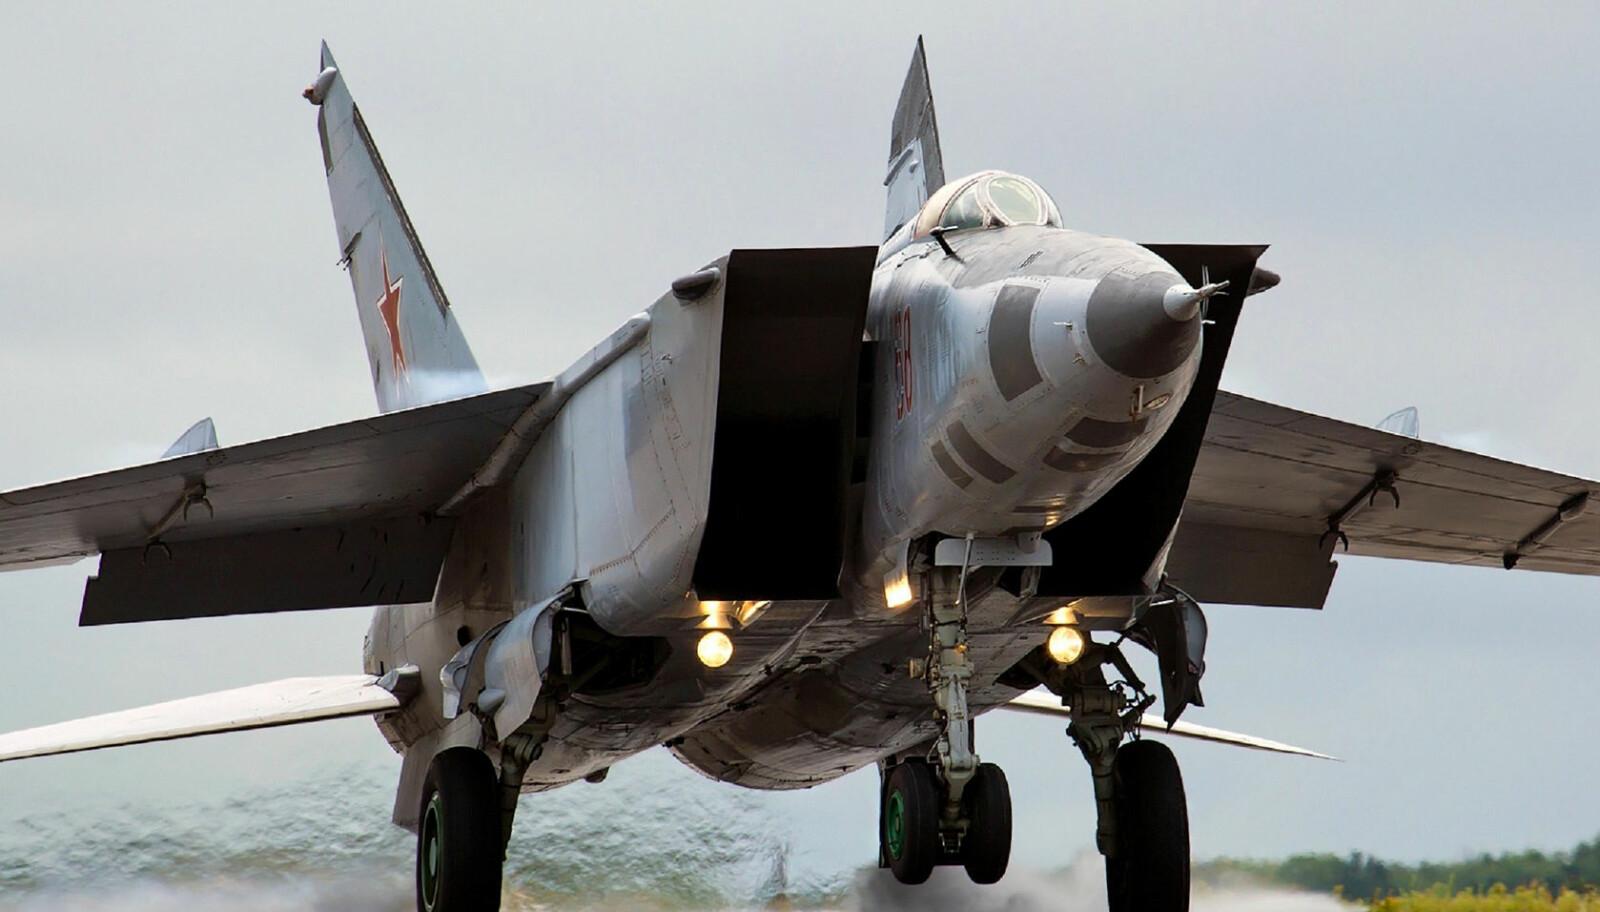 <b>SUPERSONISK:</b> Da den sovjetiske piloten hoppet av med en MiG-25 Foxbat, var det verdens raskeste jagerfly.